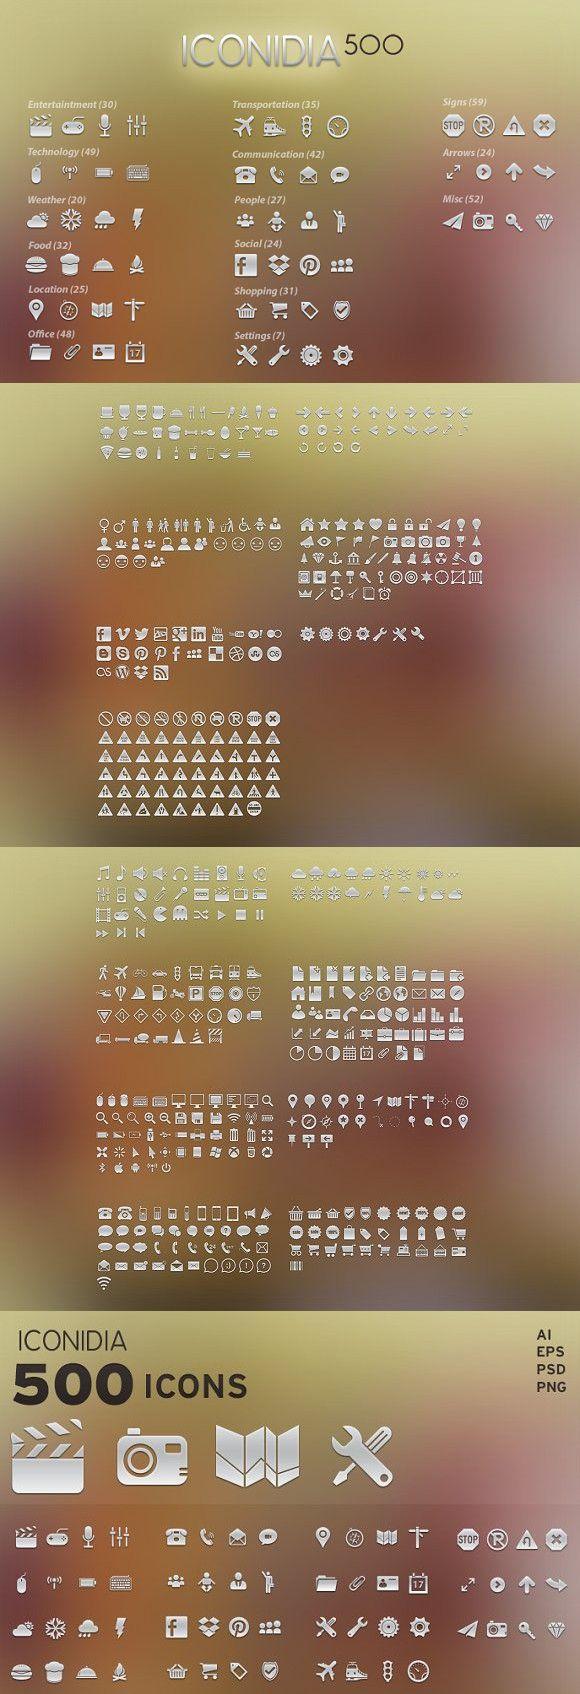 500 Icons Iconidia Icon, App development, Weather icons